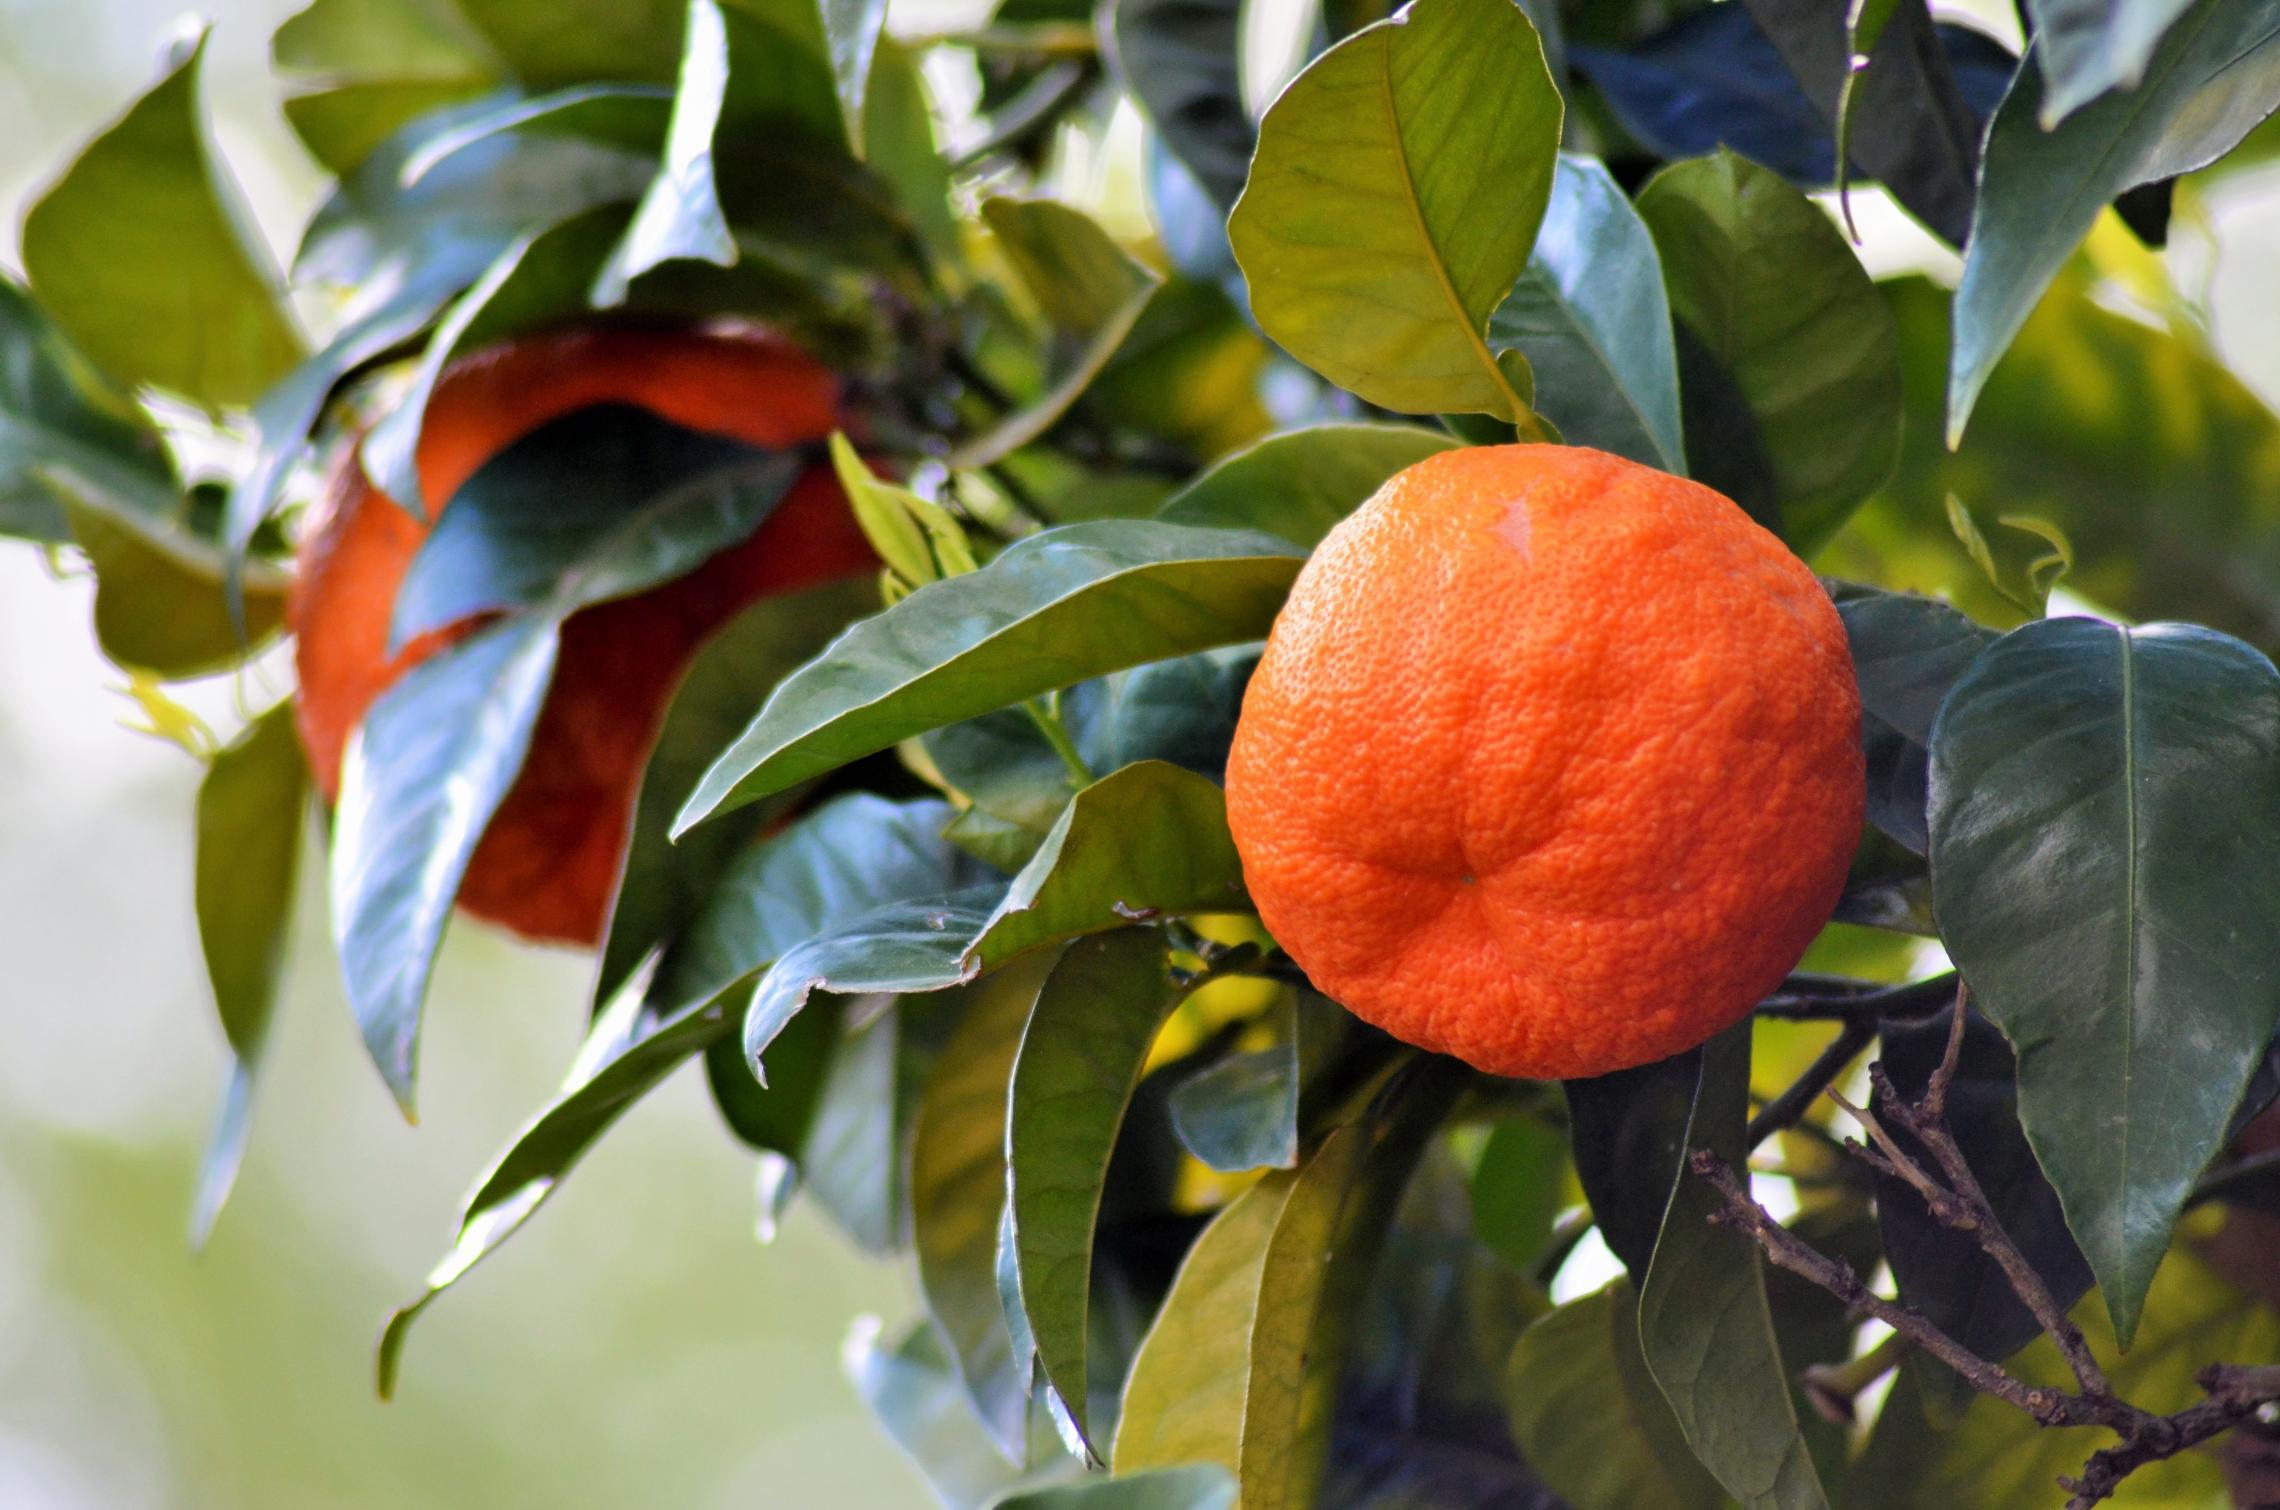 nature-branch-plant-fruit-leaf-flower-orange-food-produce-flora-fruit-tree-citrus-south-of-france-flowering-plant-bitter-orange-mandarin-orange-land-plant-599083.jpg (4928×3264)